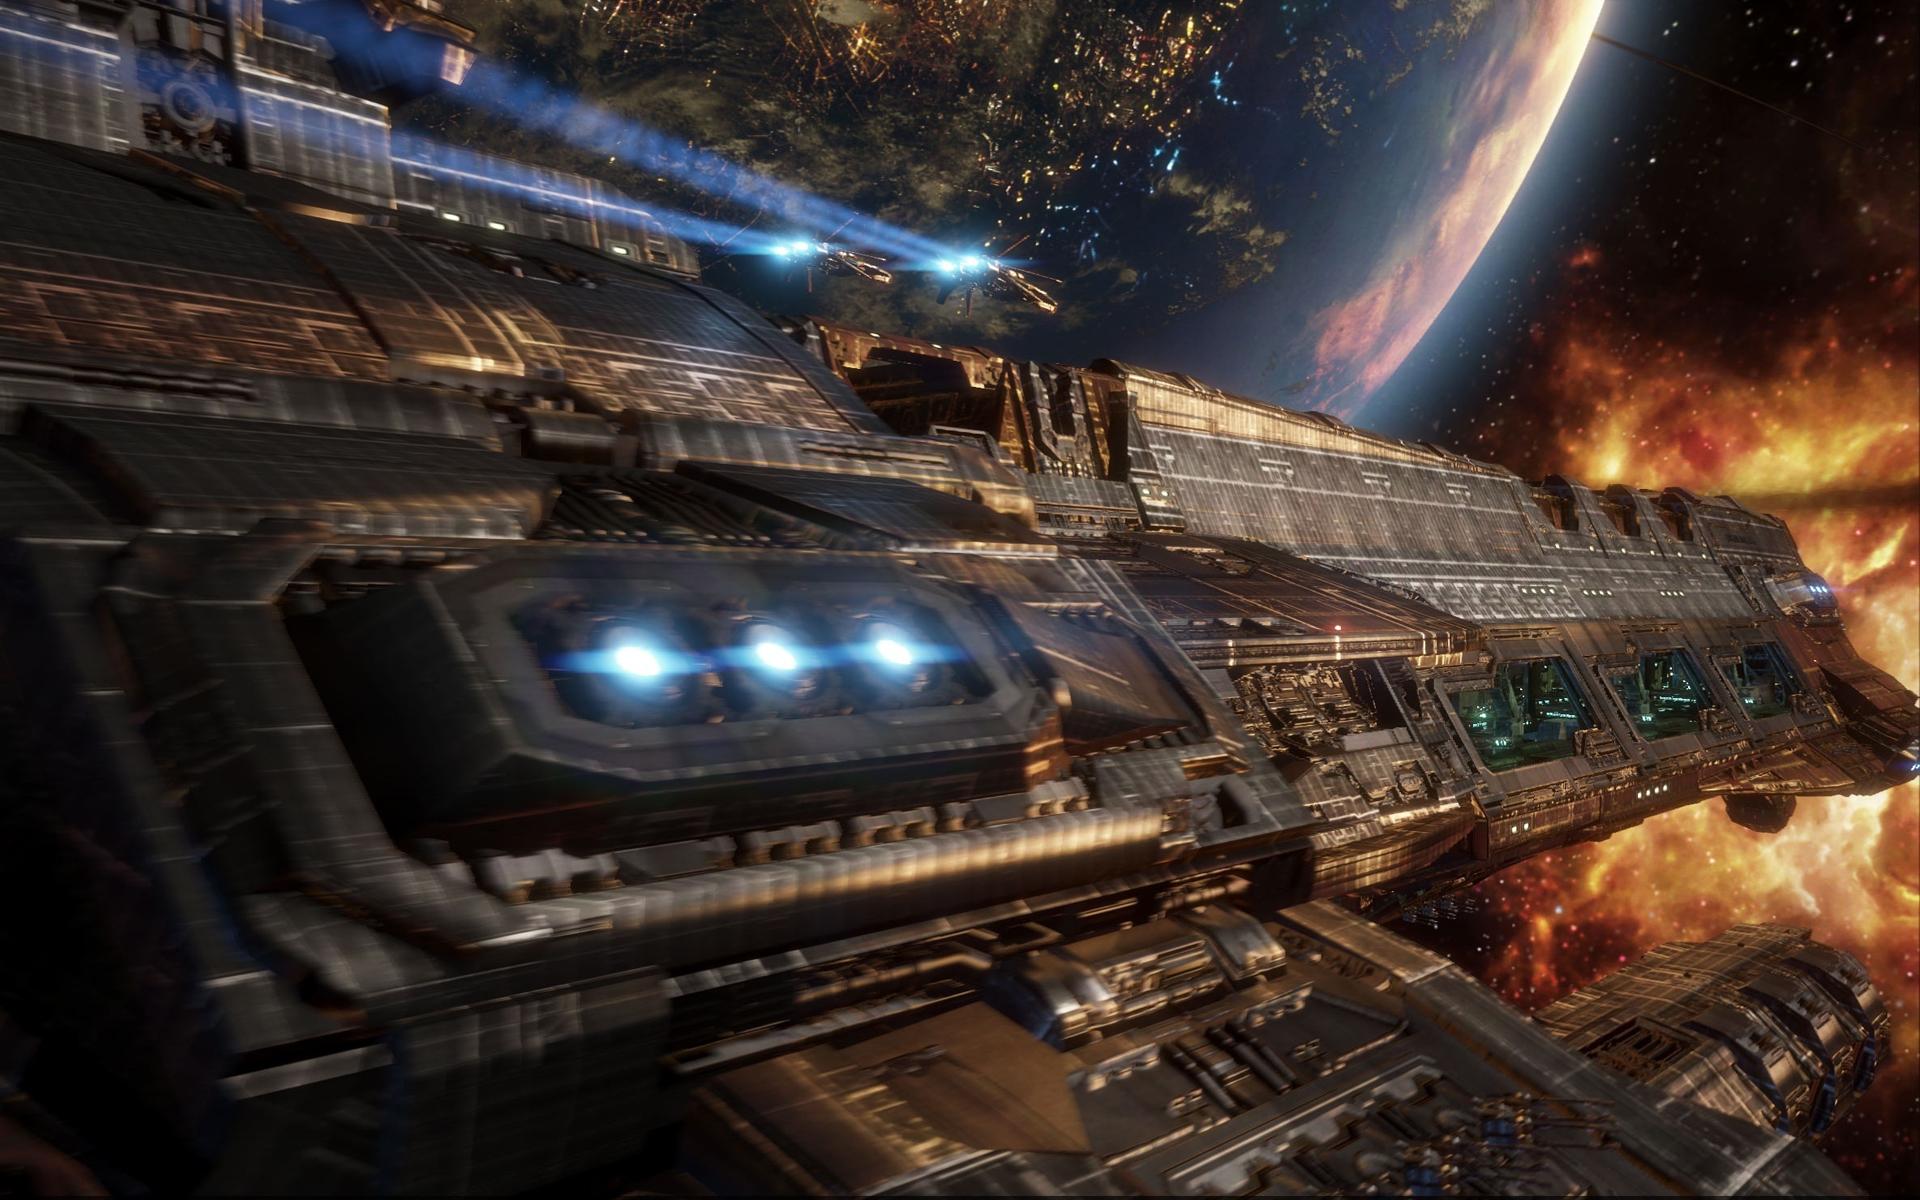 встретили тобою фото космических кораблей из фантастики долго искала